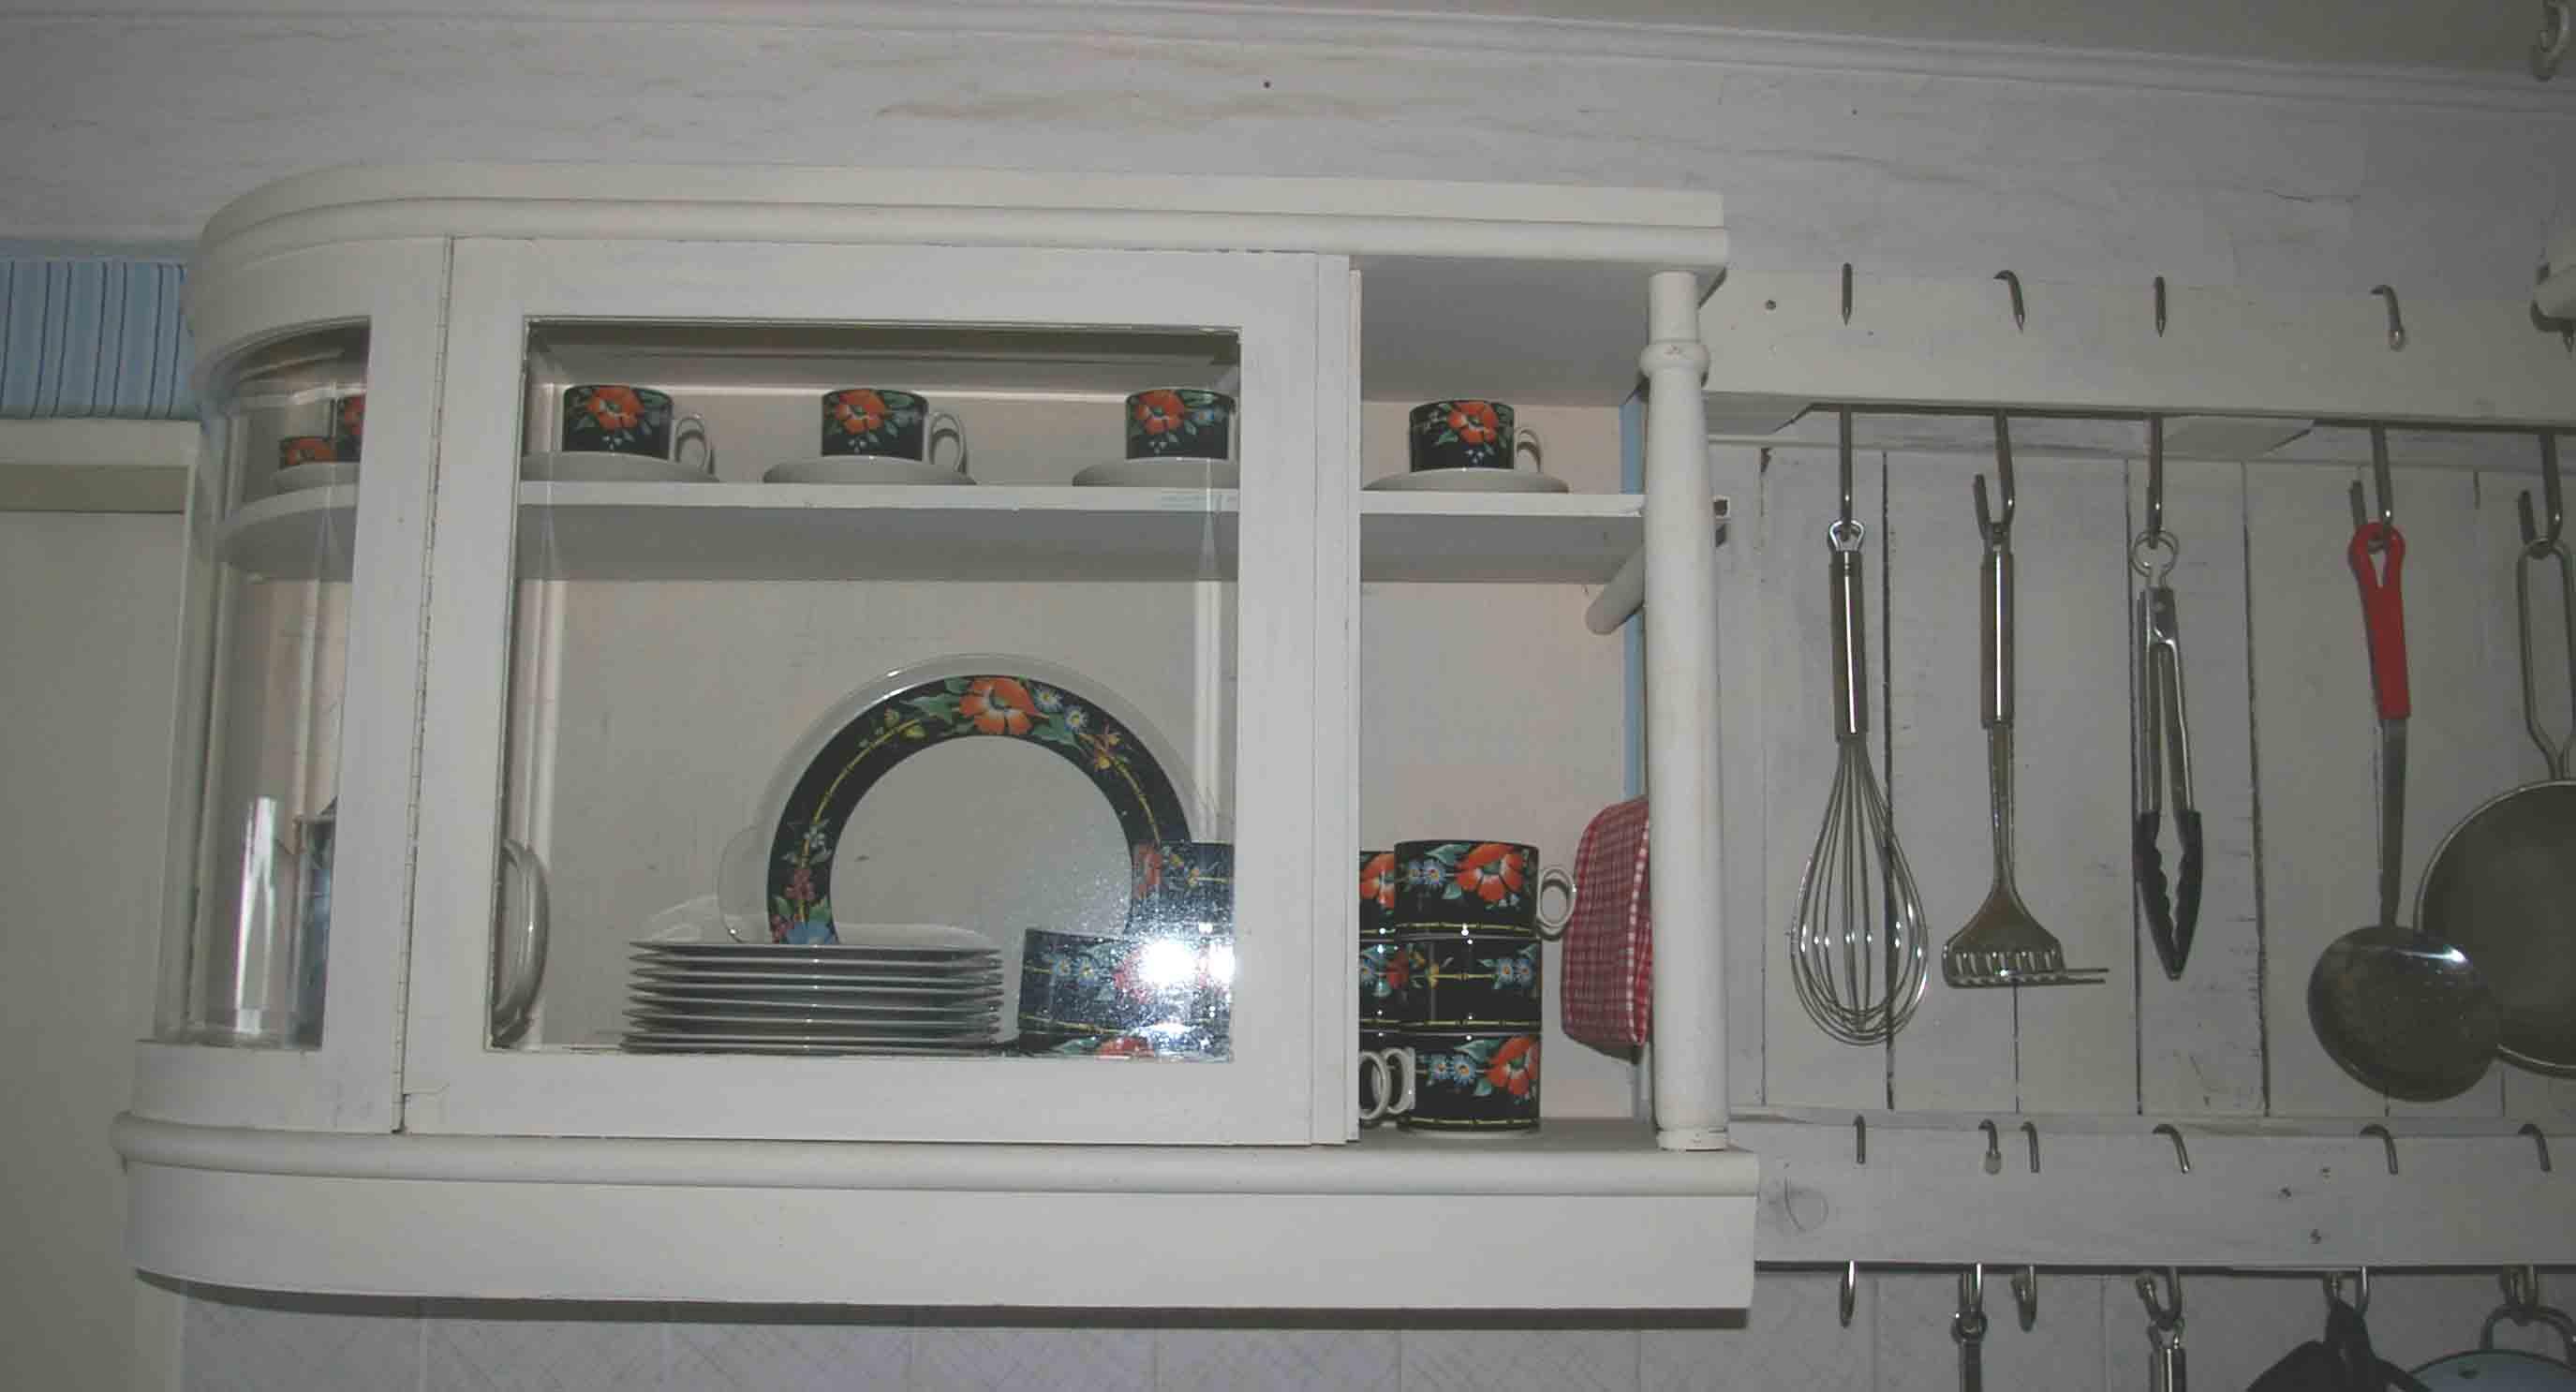 selbermachen eine pinnwand aus einem alten fenster bauen recyclingkunst und der versuch. Black Bedroom Furniture Sets. Home Design Ideas